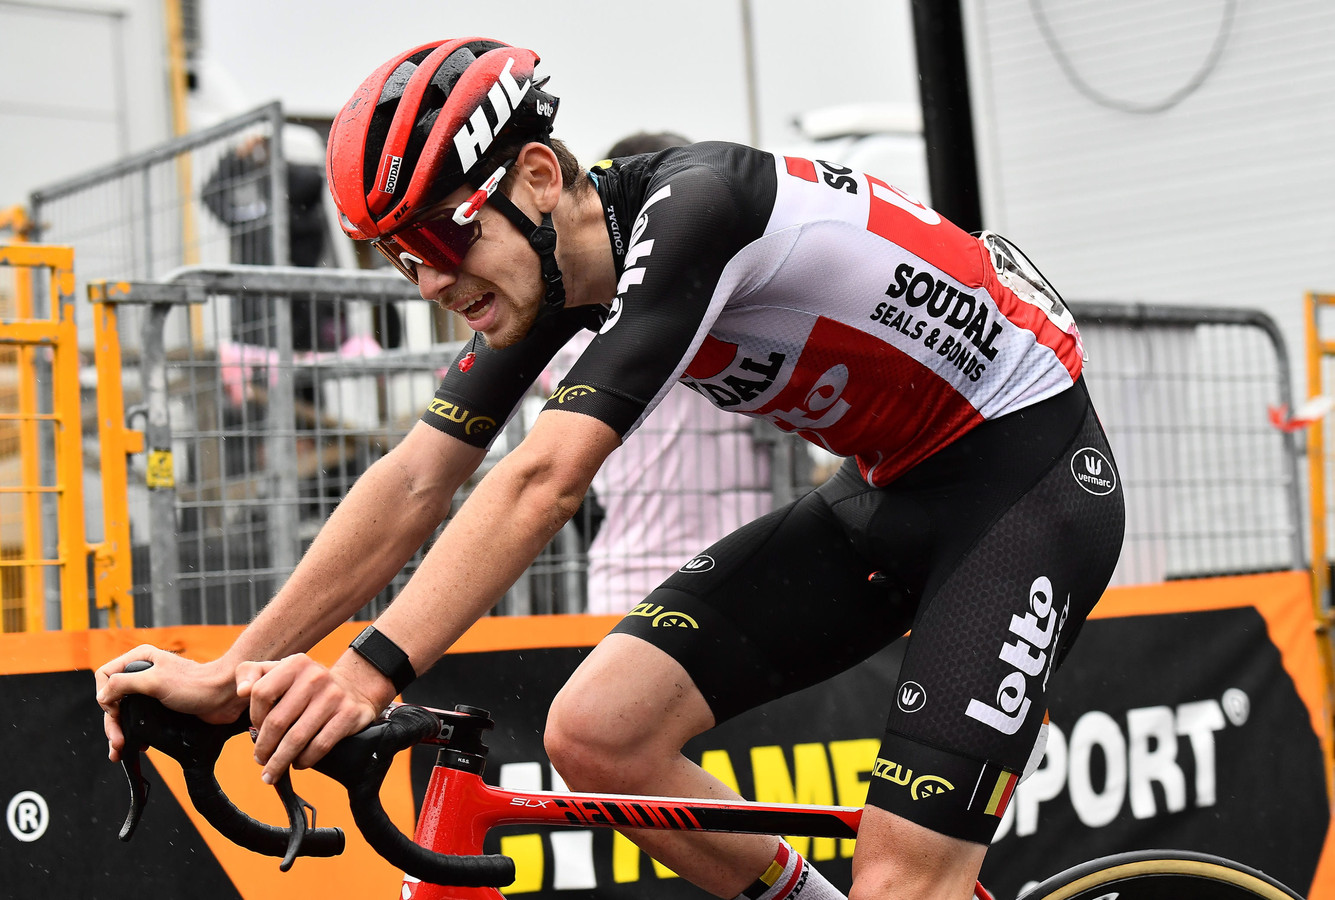 Harm Vanhoucke werd derde op de Etna.